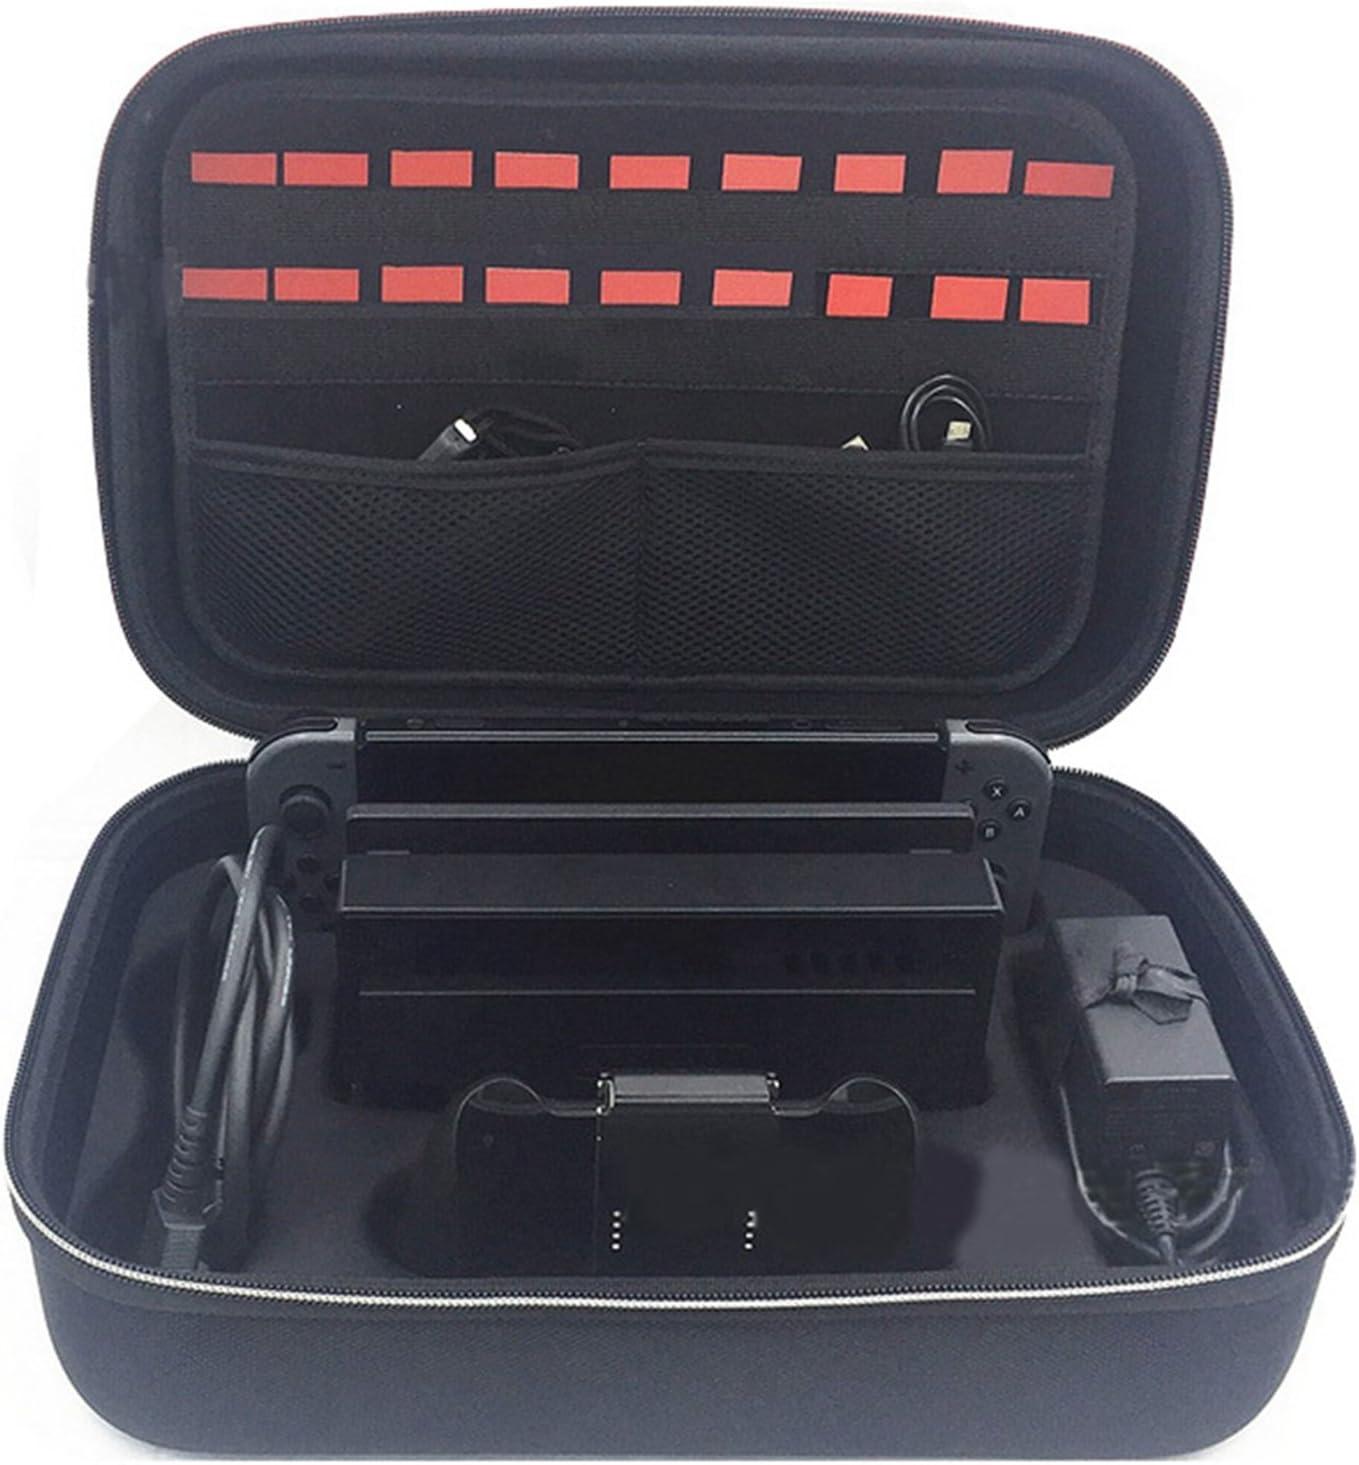 XBERSTAR - Maletín rígido de EVA para Nintendo Switch Joy-con y Accesorios: Amazon.es: Electrónica